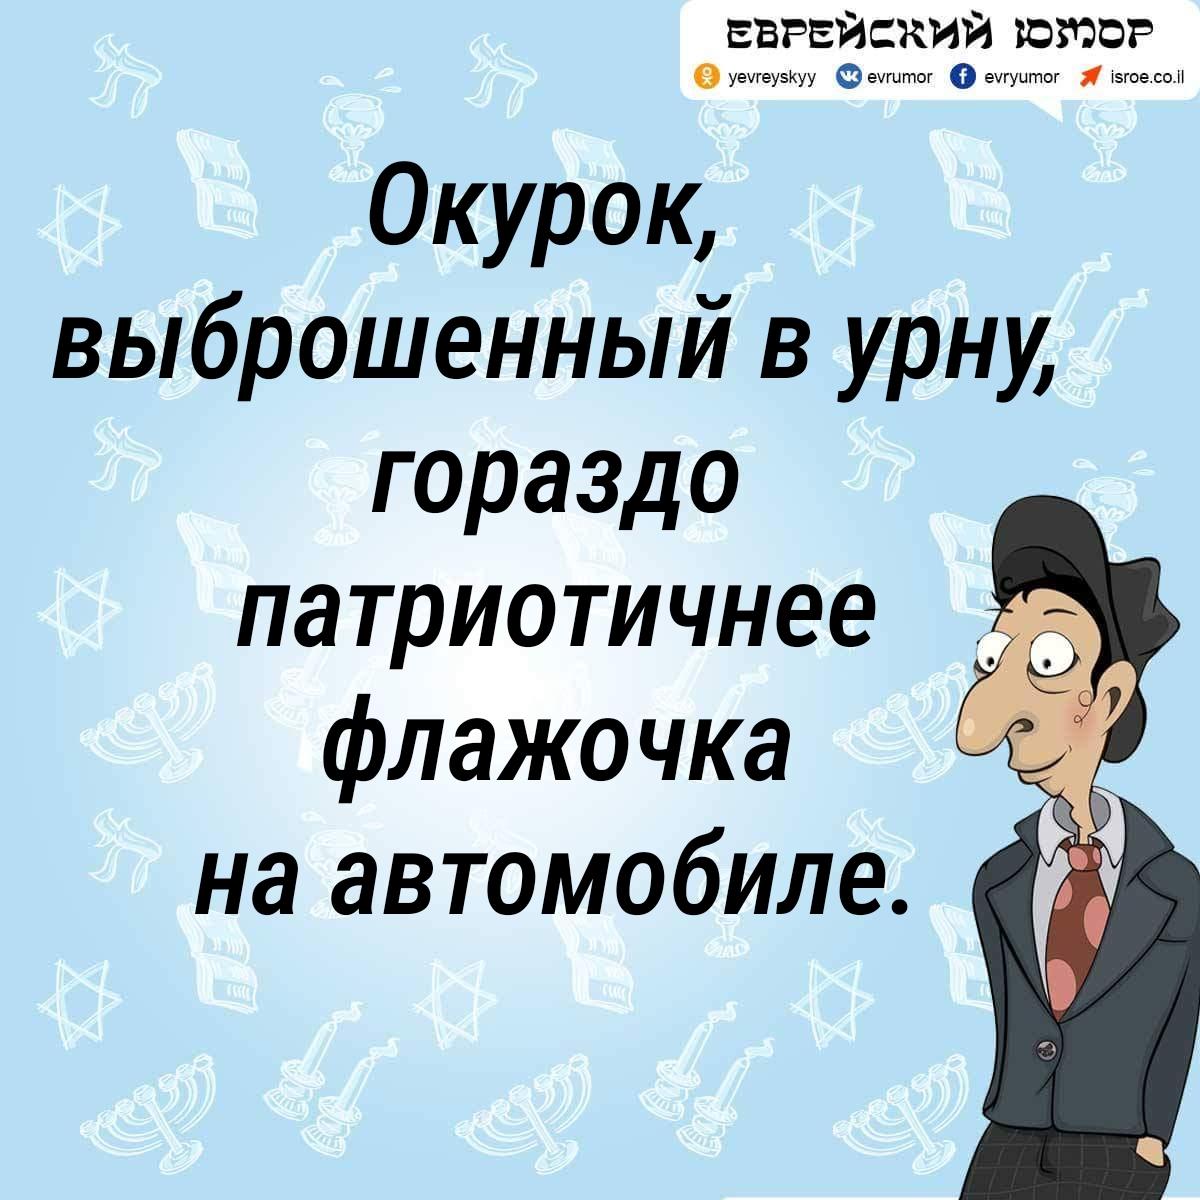 Еврейский юмор. Одесский анекдот. Патриотизм